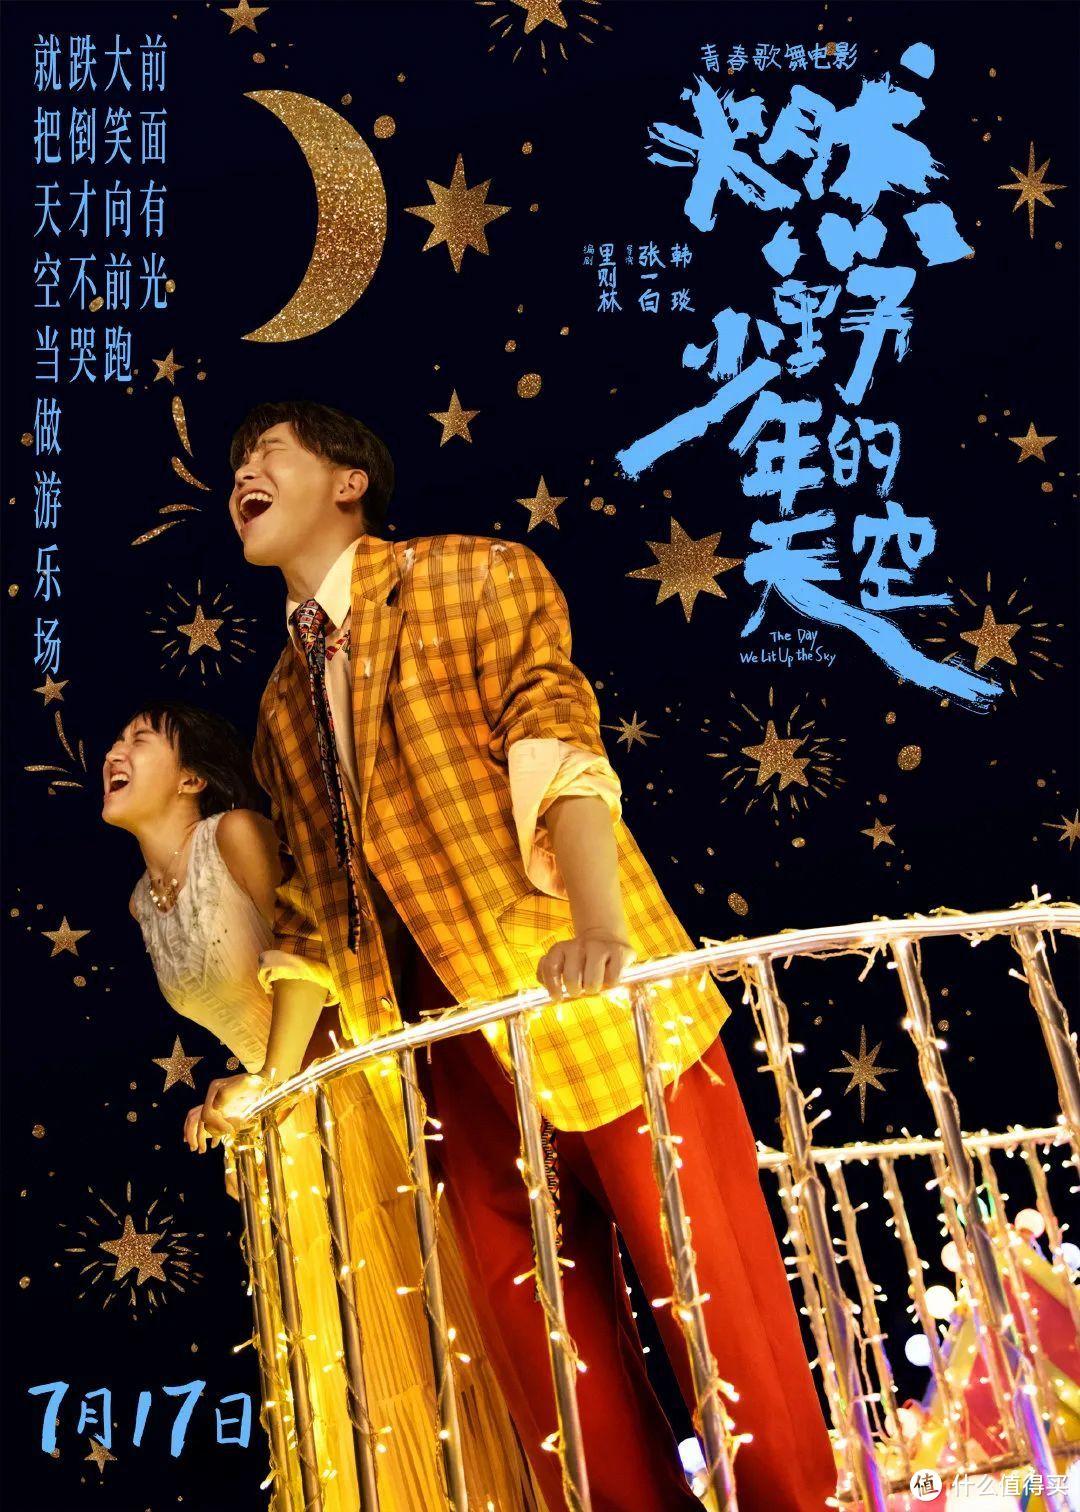 《燃野少年的天空》:导演已经足够勇敢,观众也请放下成见!